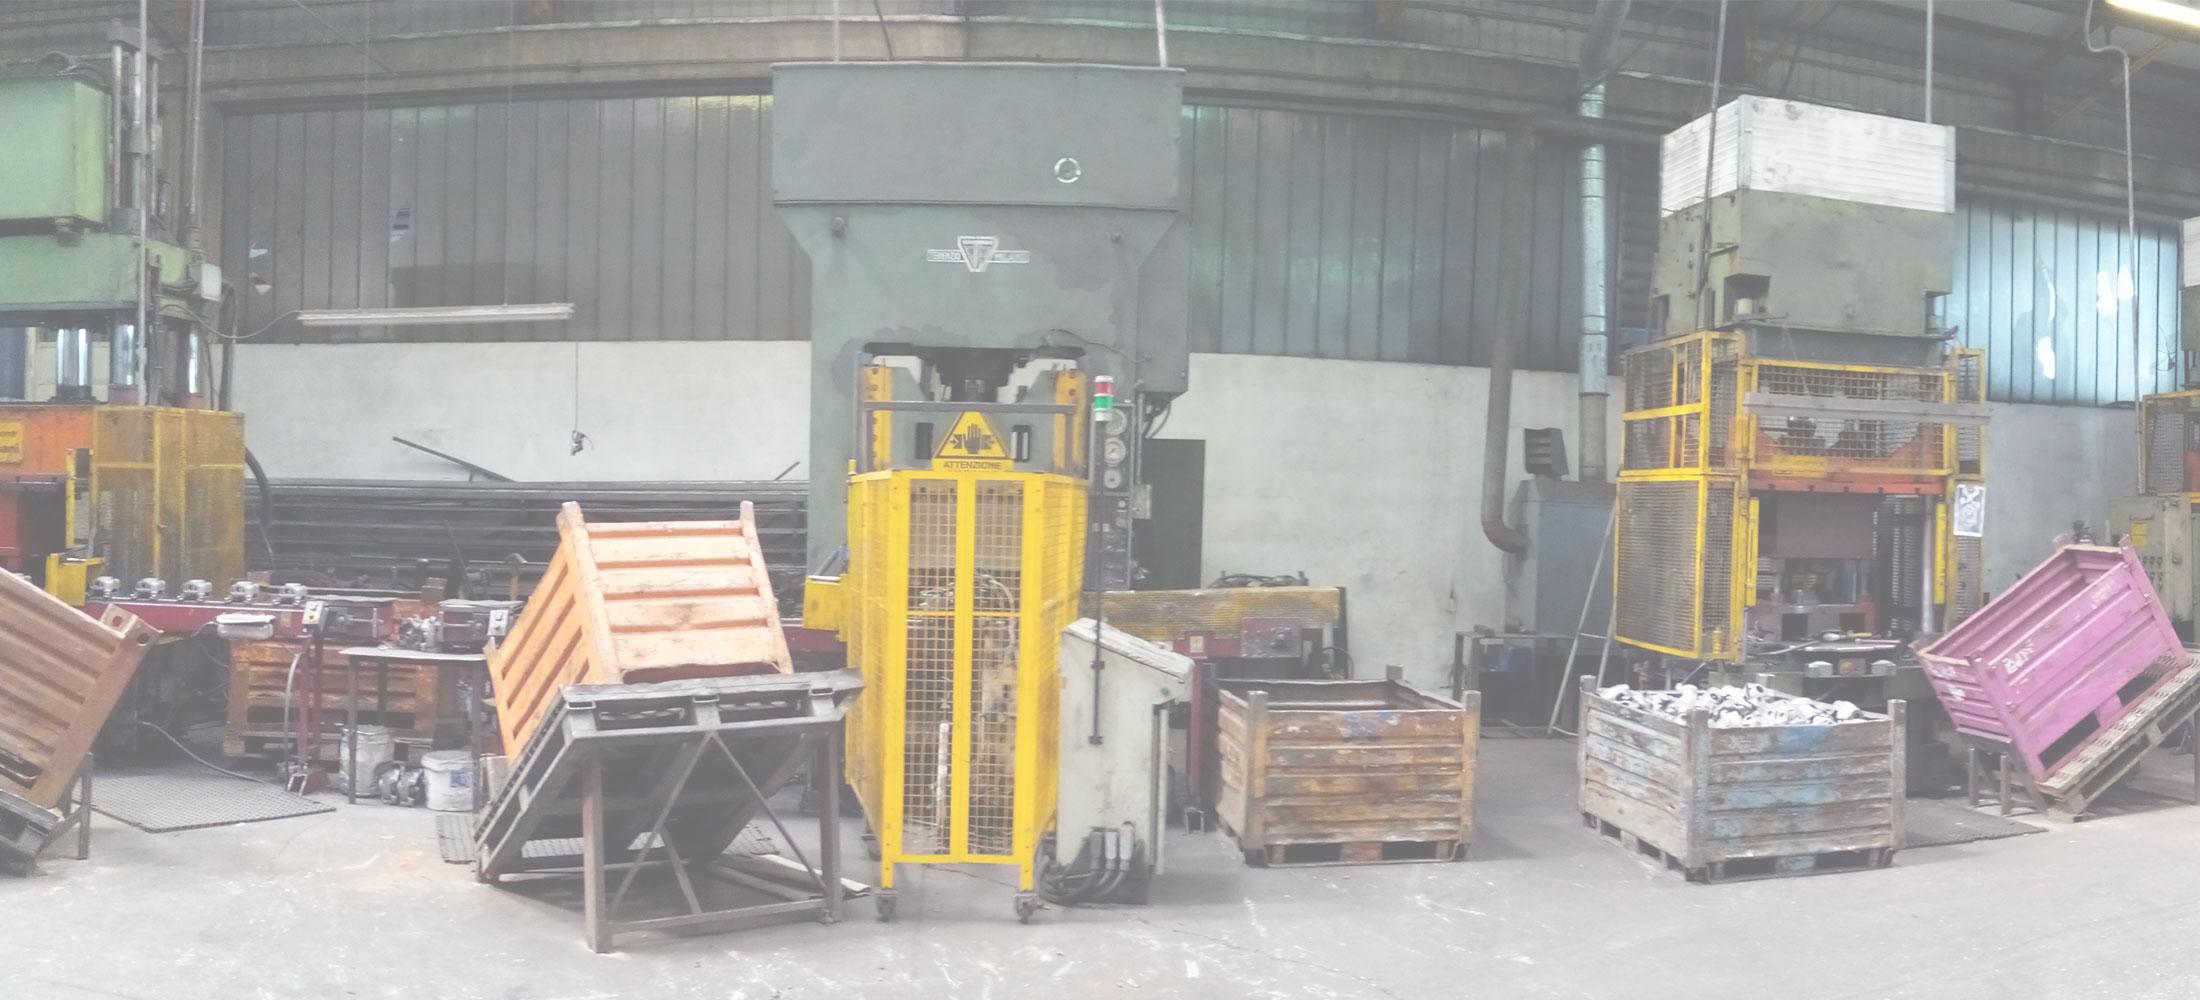 Ditta metalmeccanica - Annone Veneto - Venezia - Turcolin Fioravante